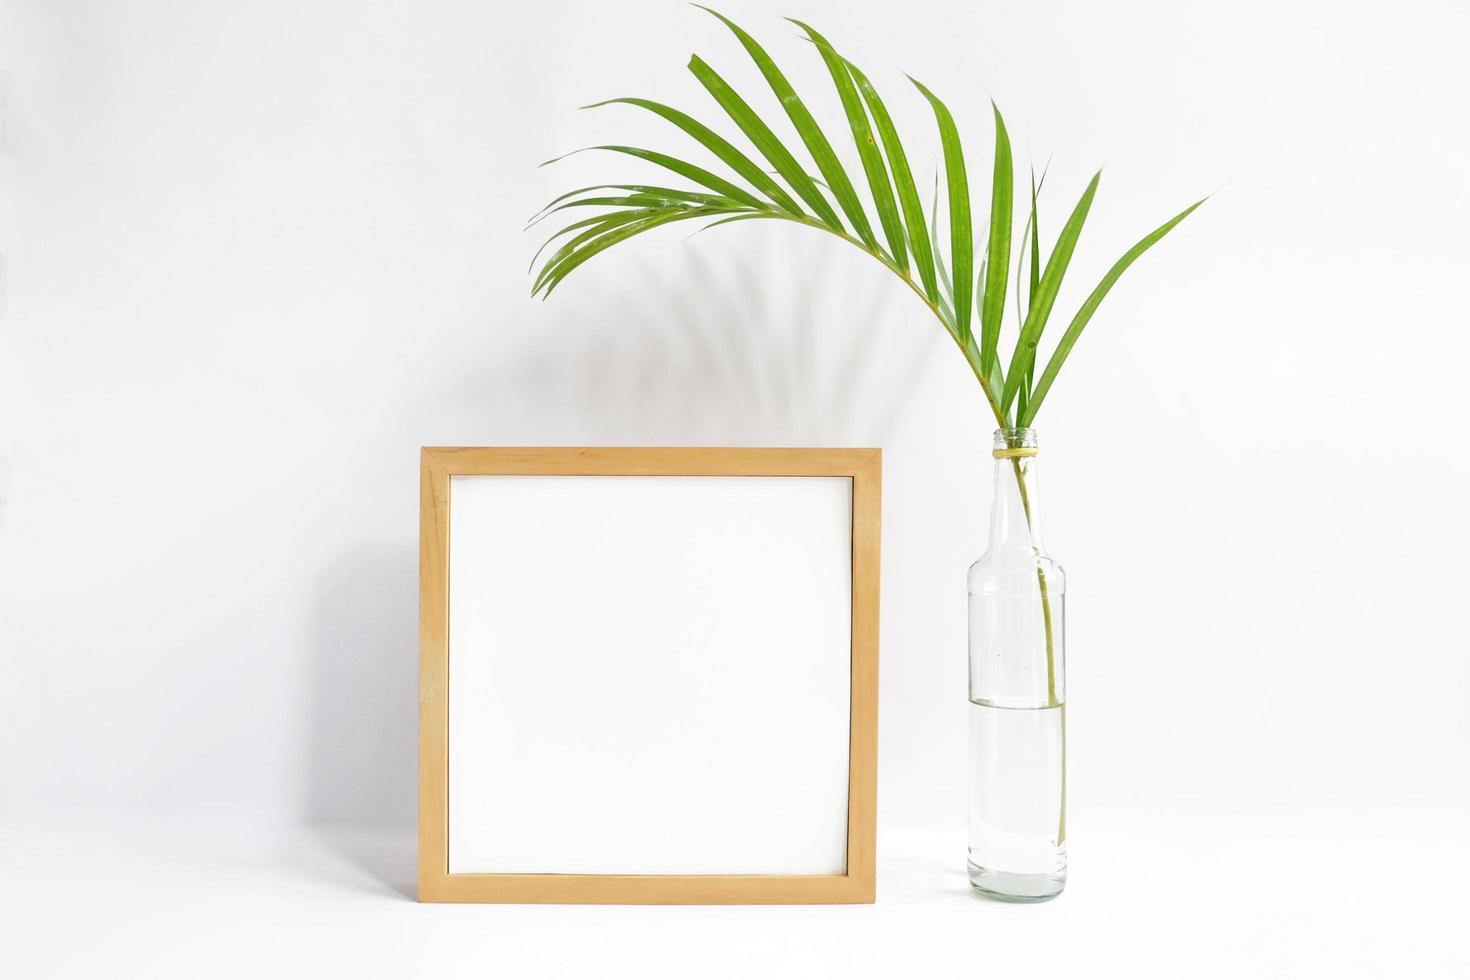 leerer Rahmen mit Pflanze auf weißem Hintergrund foto